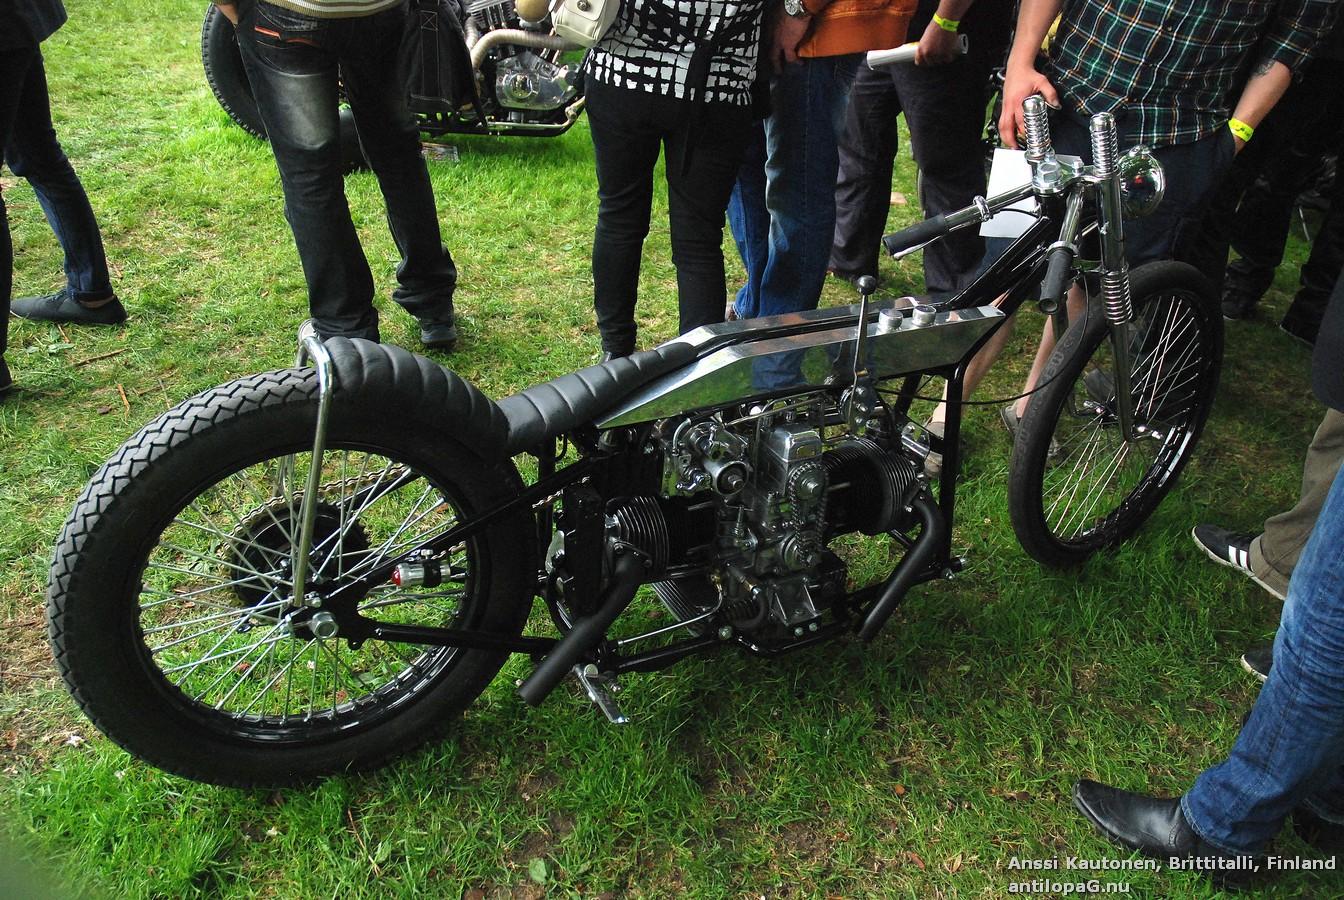 Второе место в категории мотоциклов Классик Кастом на кастомбайк-шоу в Норртелье 2013